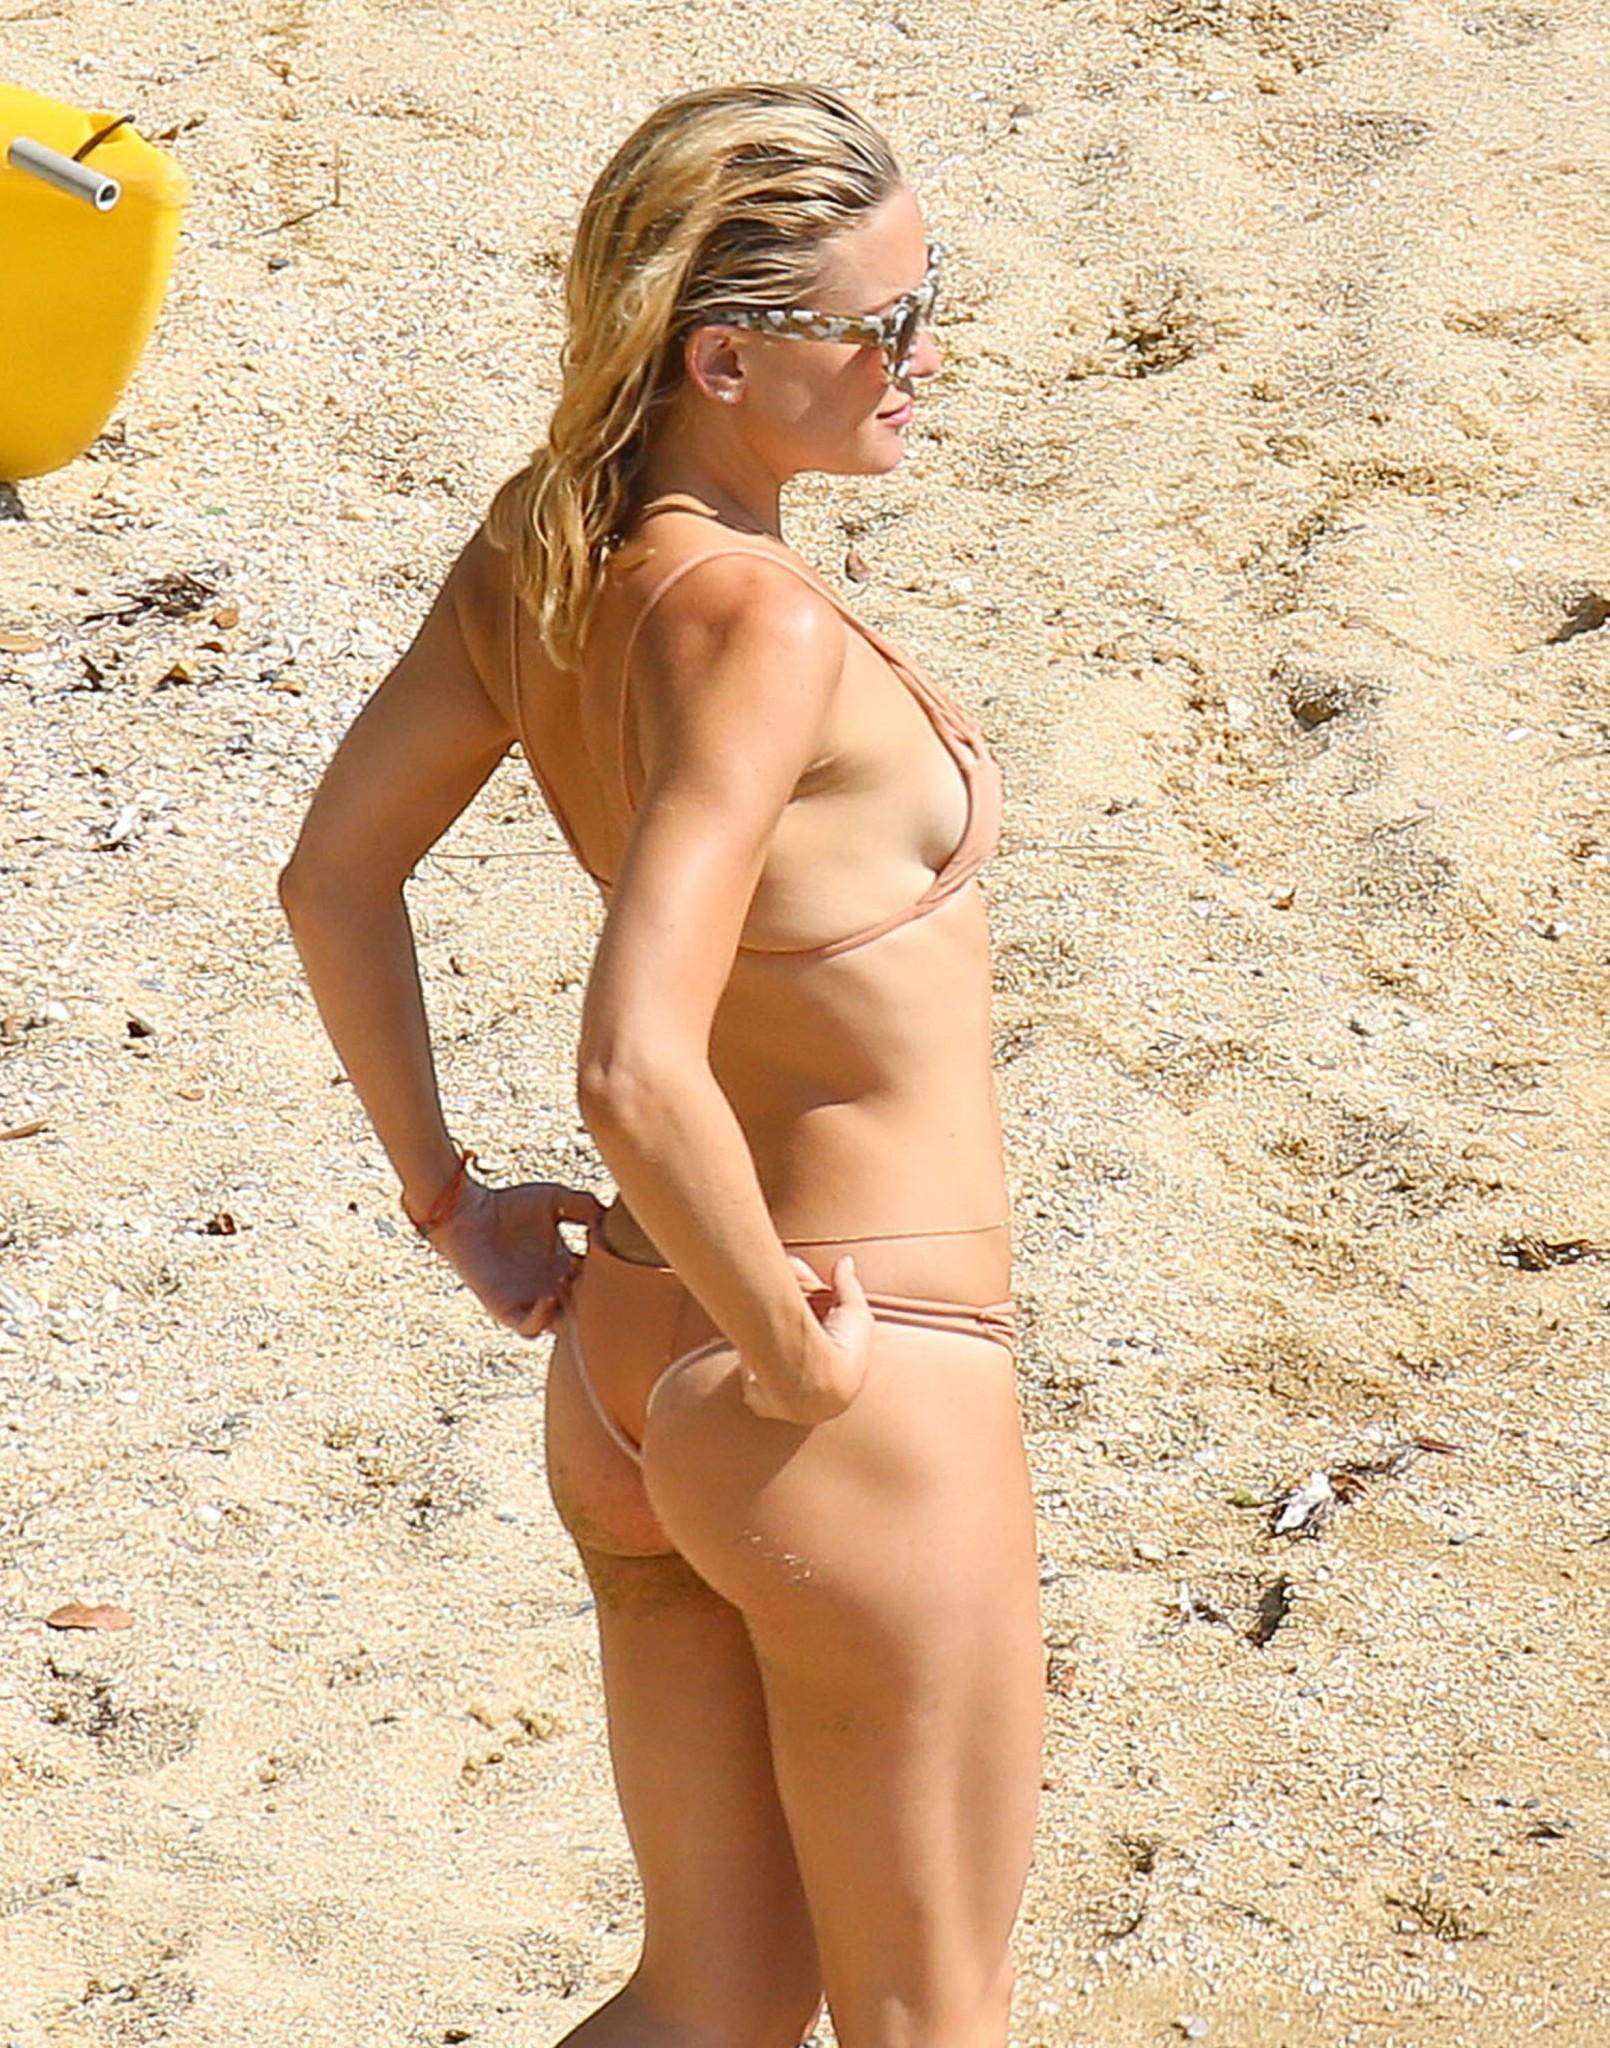 kate-hudson-bikini-greece-2